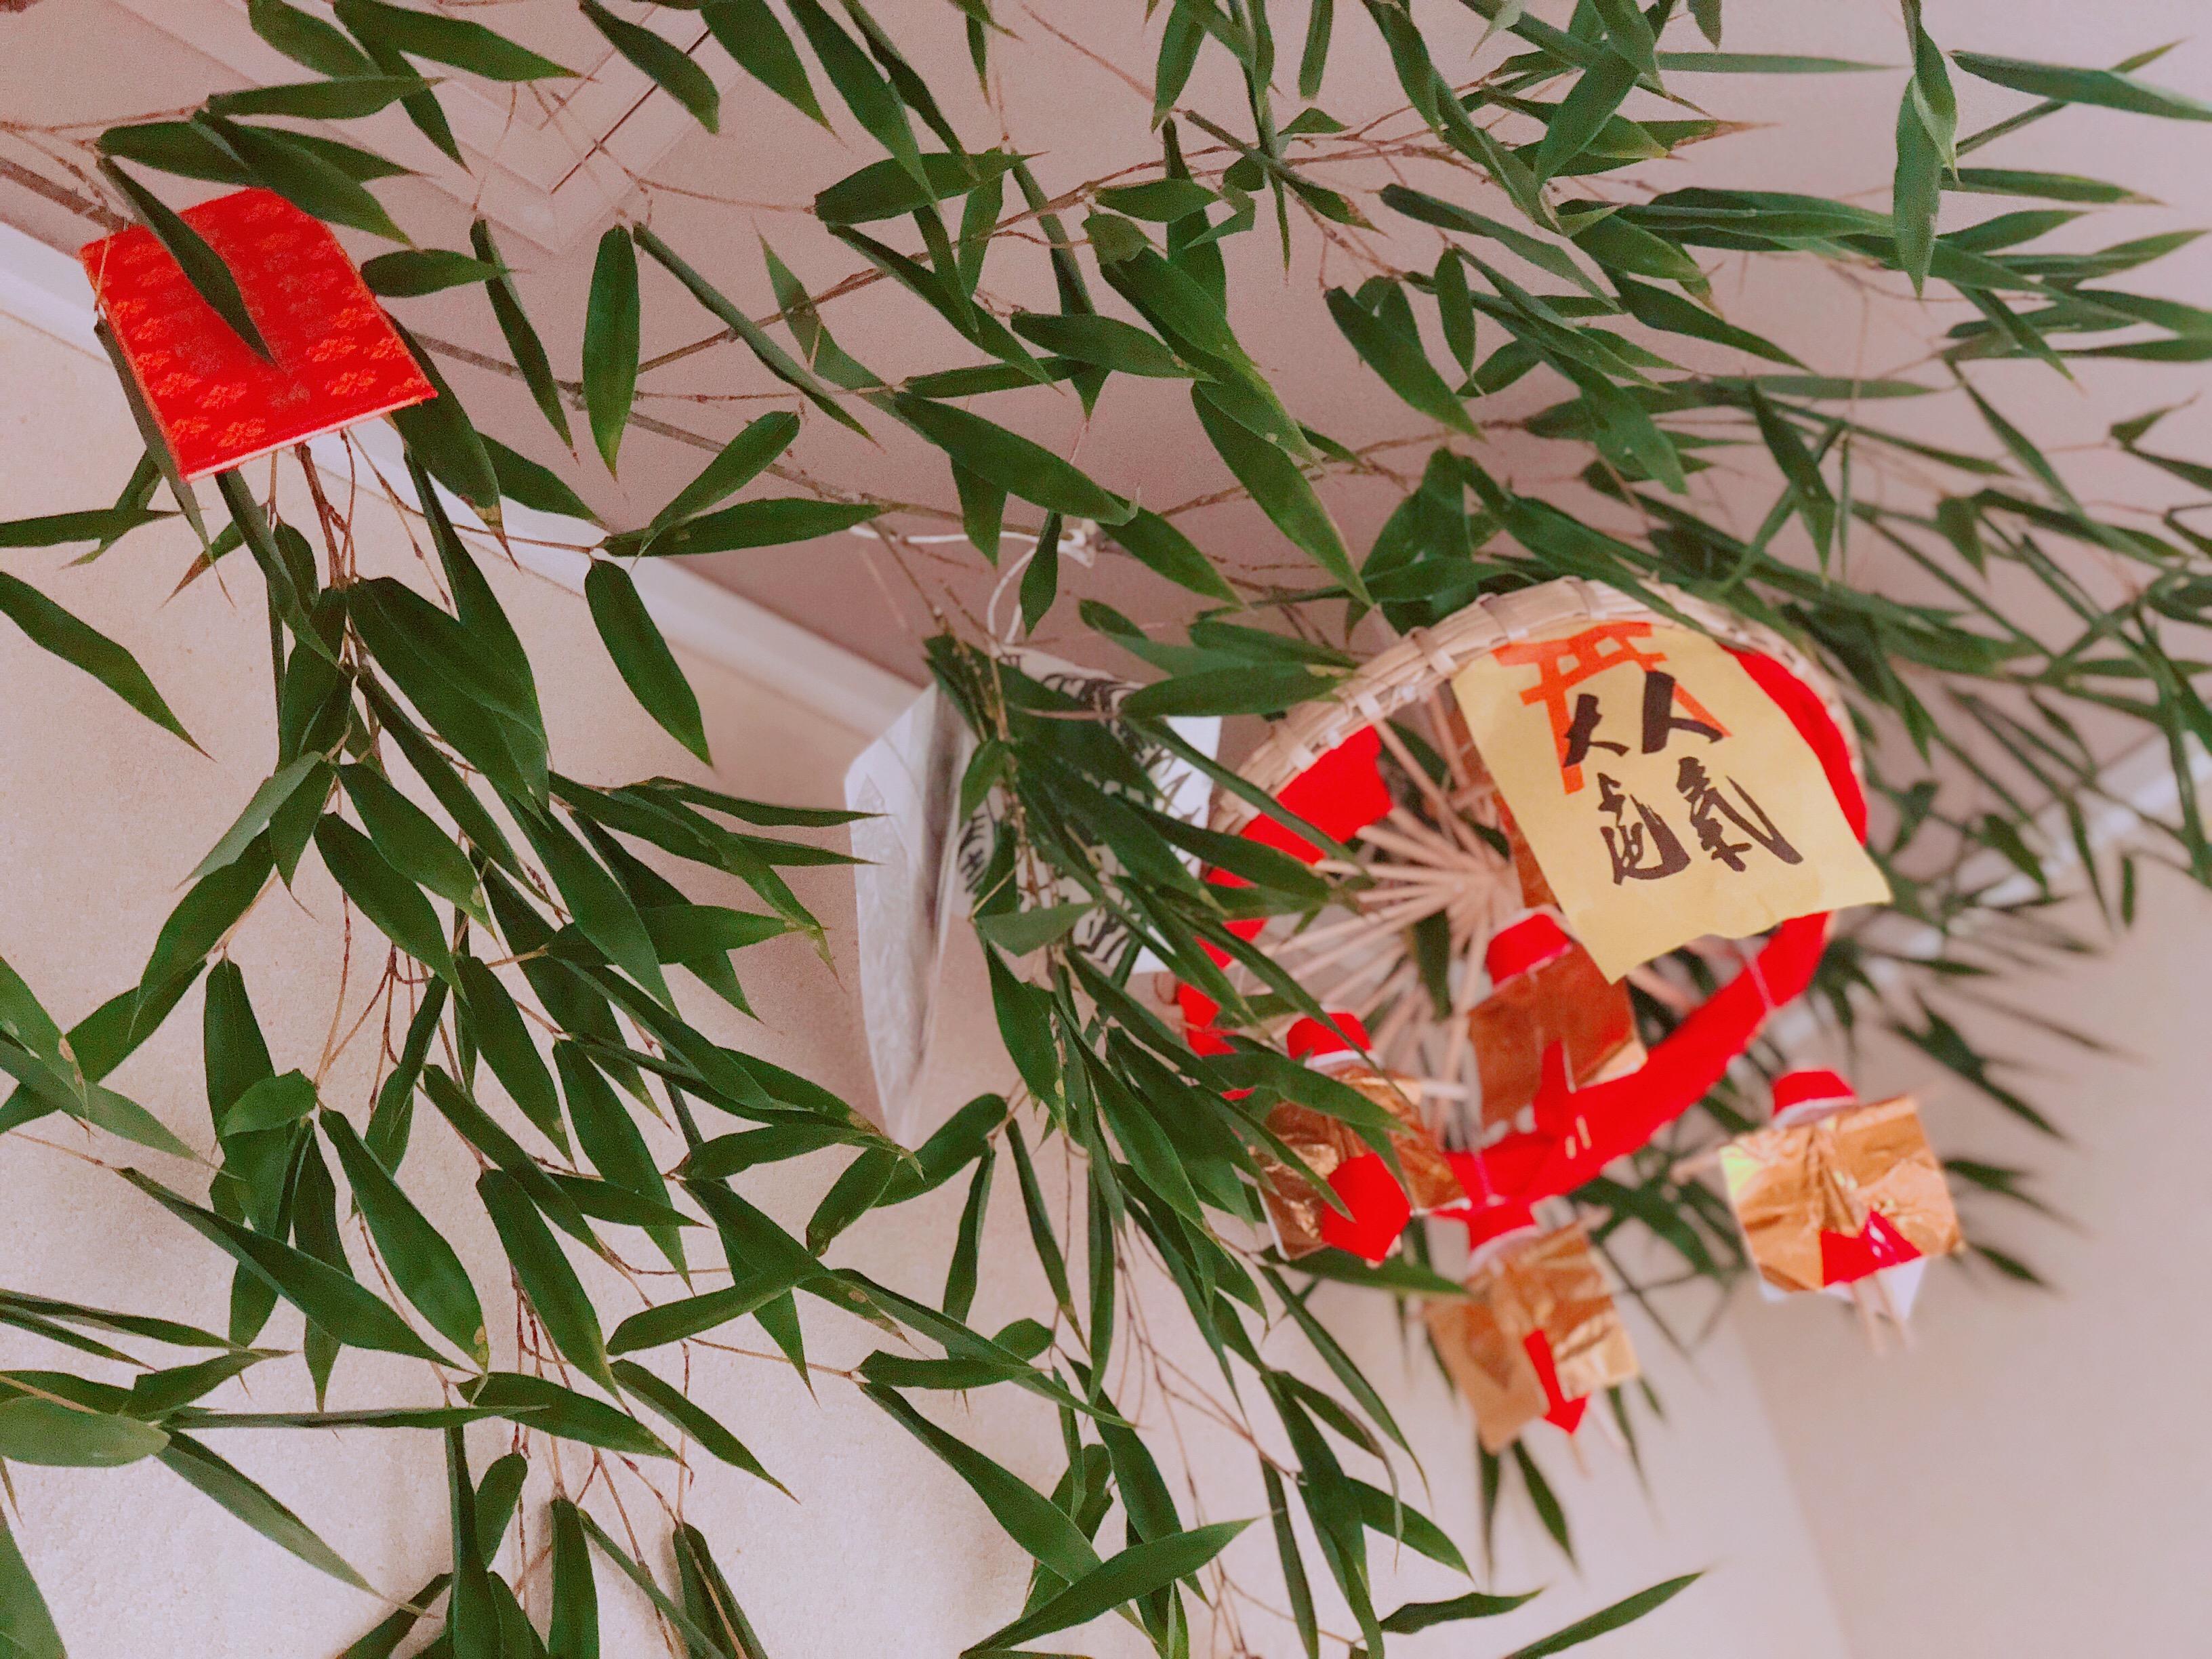 京都ゑびす神社へお参り今年でヌッカは2年目